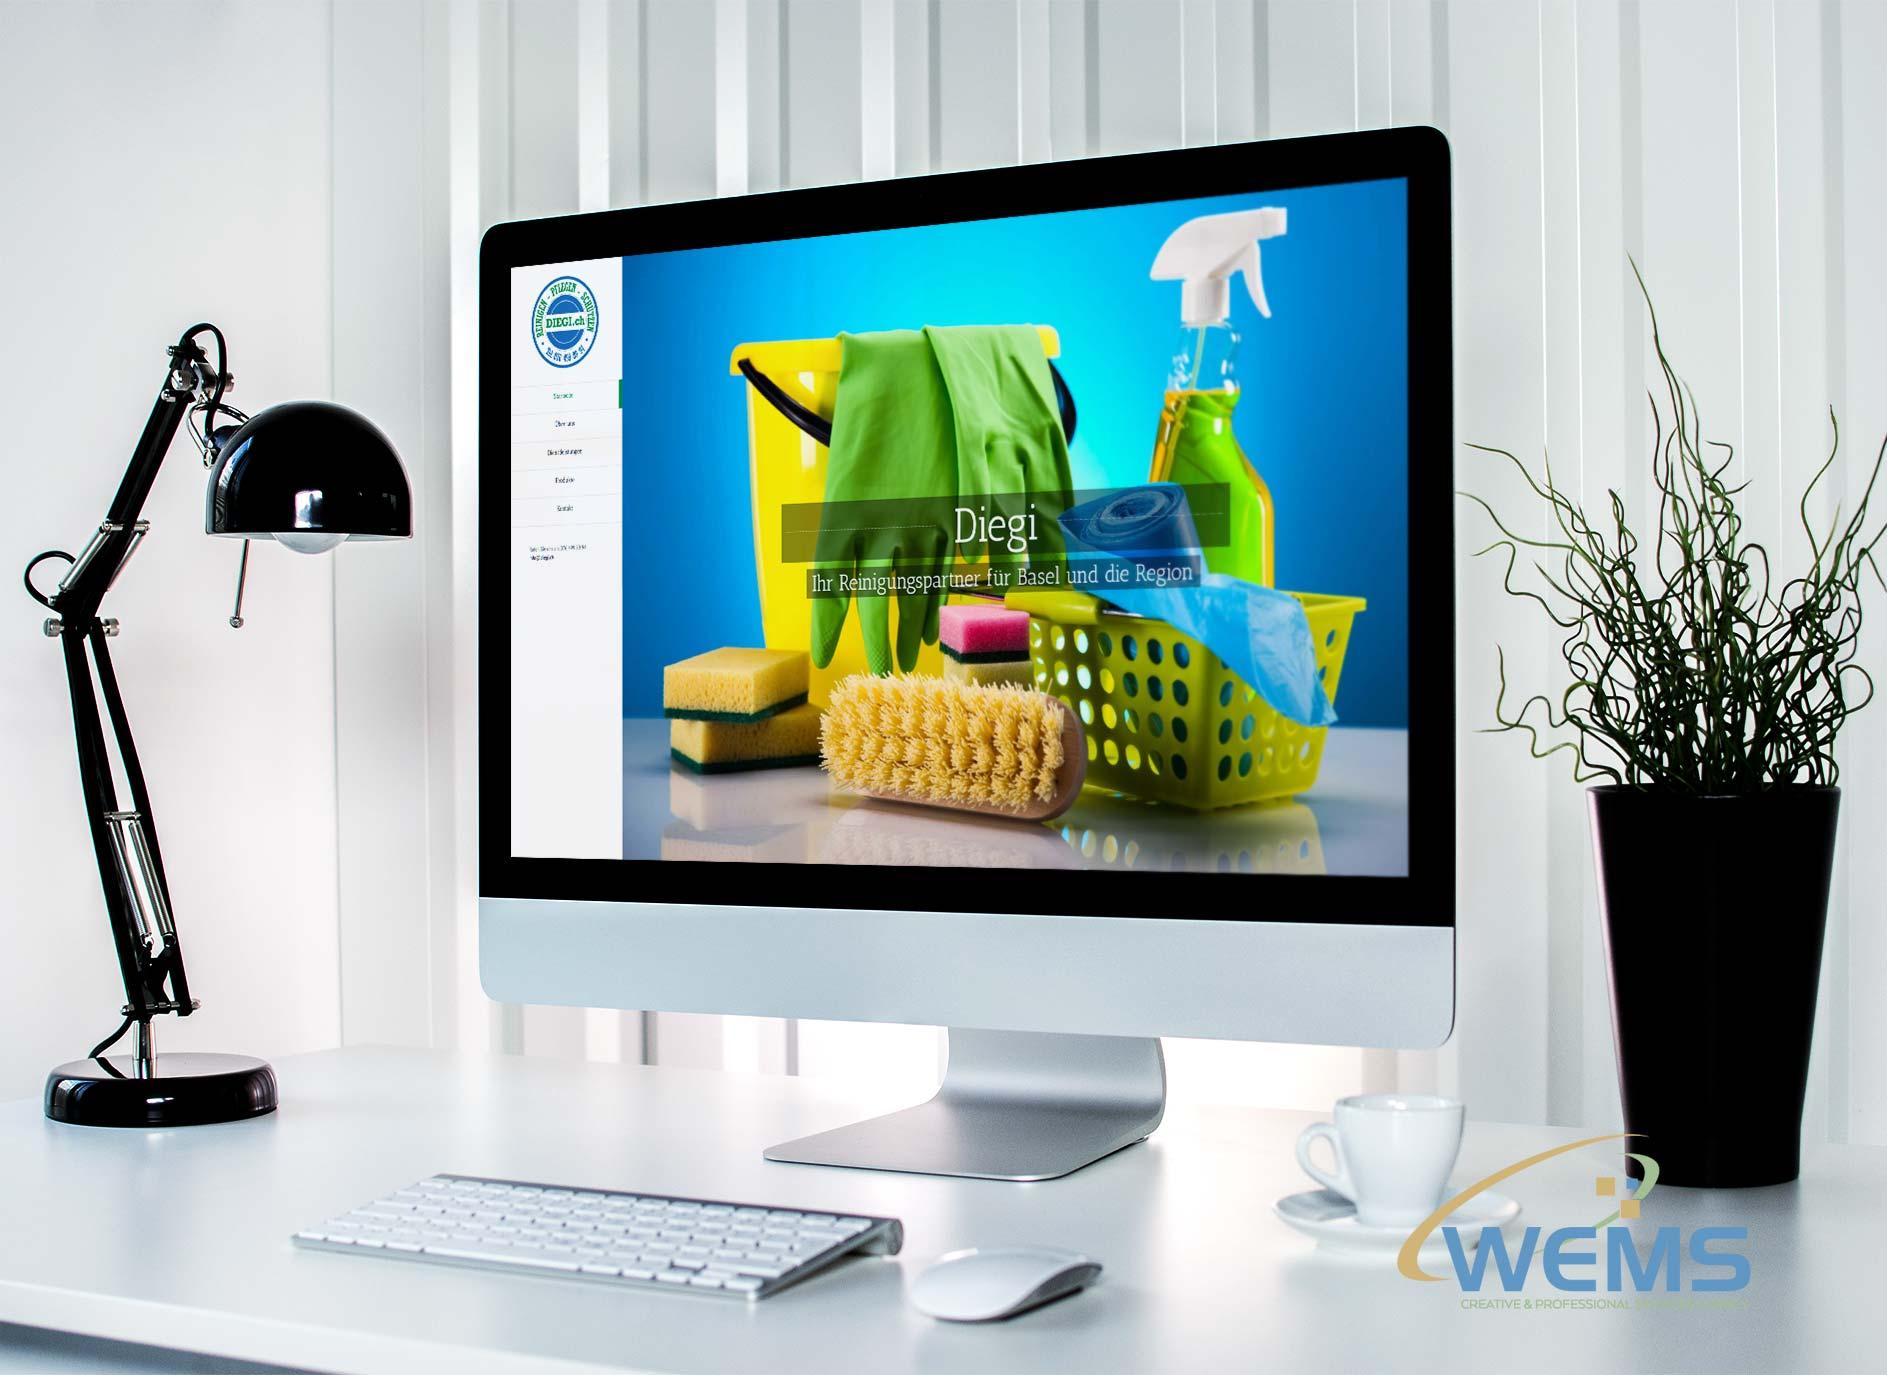 wems agency webdesign mockup diegi 1 - Webdesign et optimisation pour les moteurs de recherche (SEO)